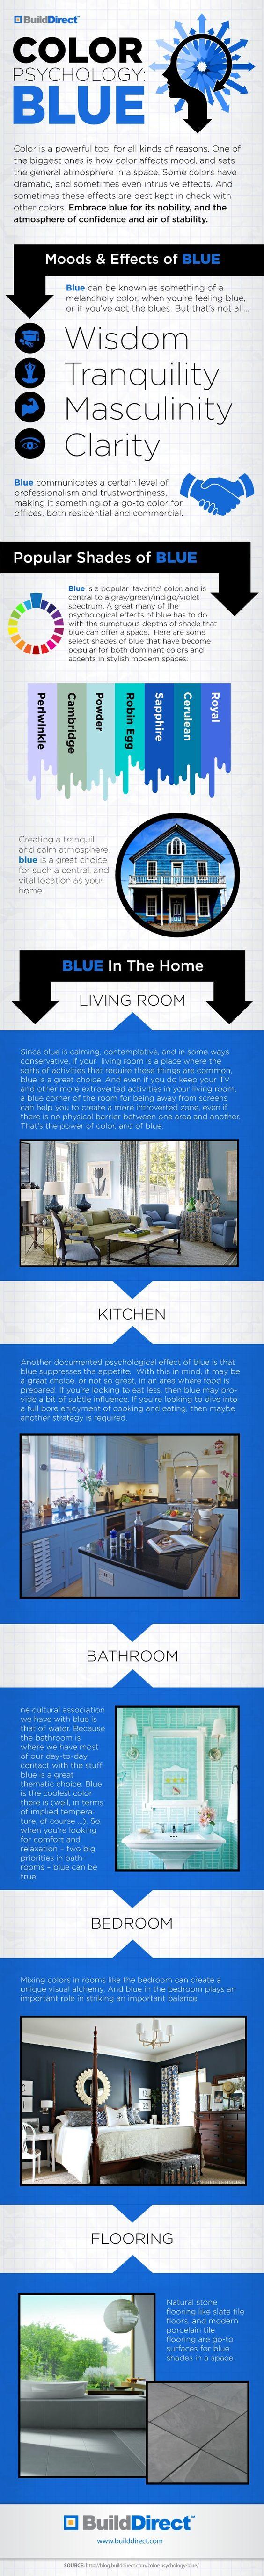 emotional interior design using blue head to design